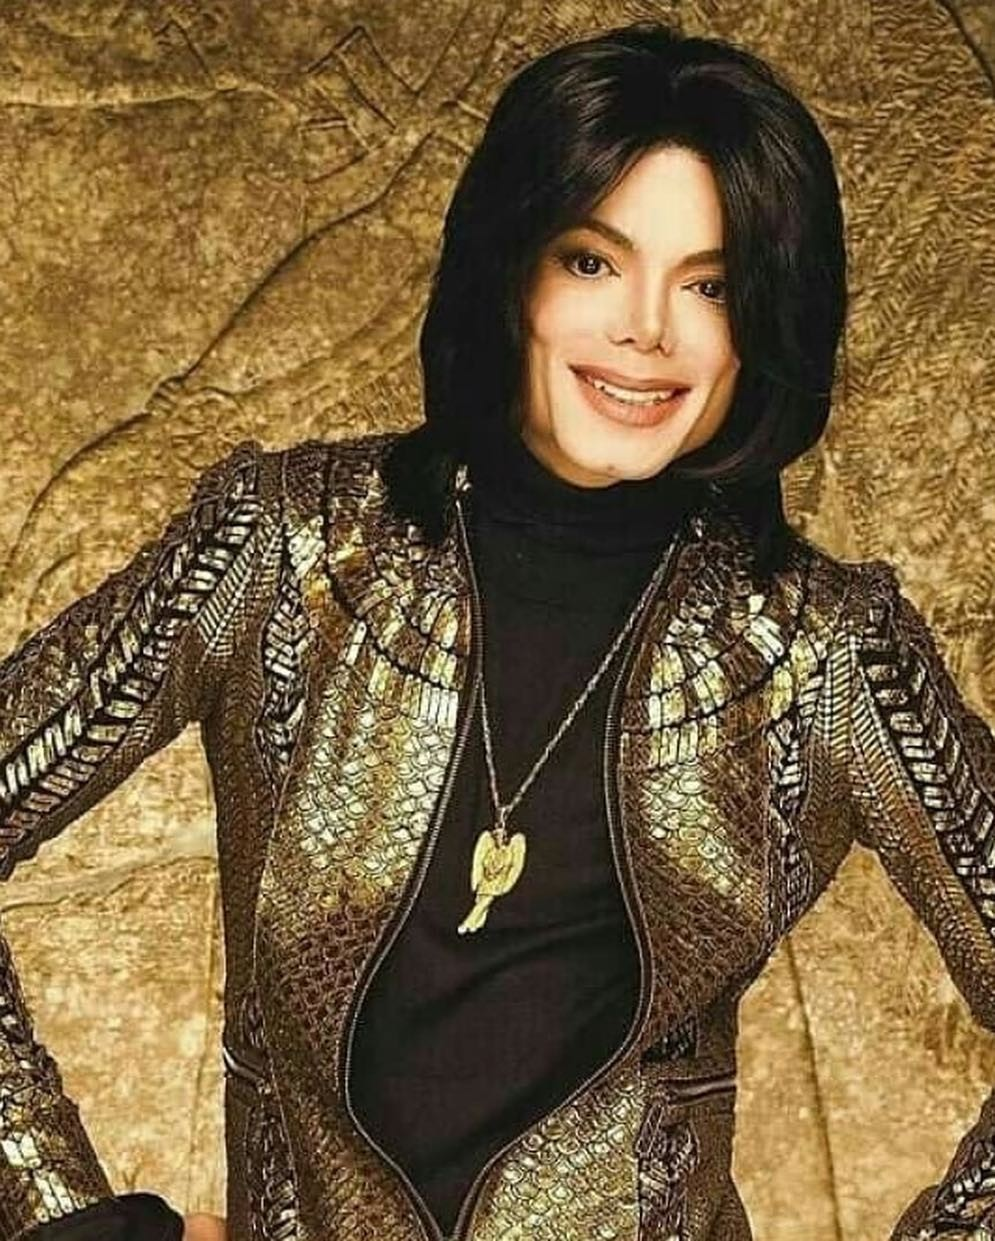 Вторая жена Майкла Джексона заявила, что никогда незанималась сексом споп-королем